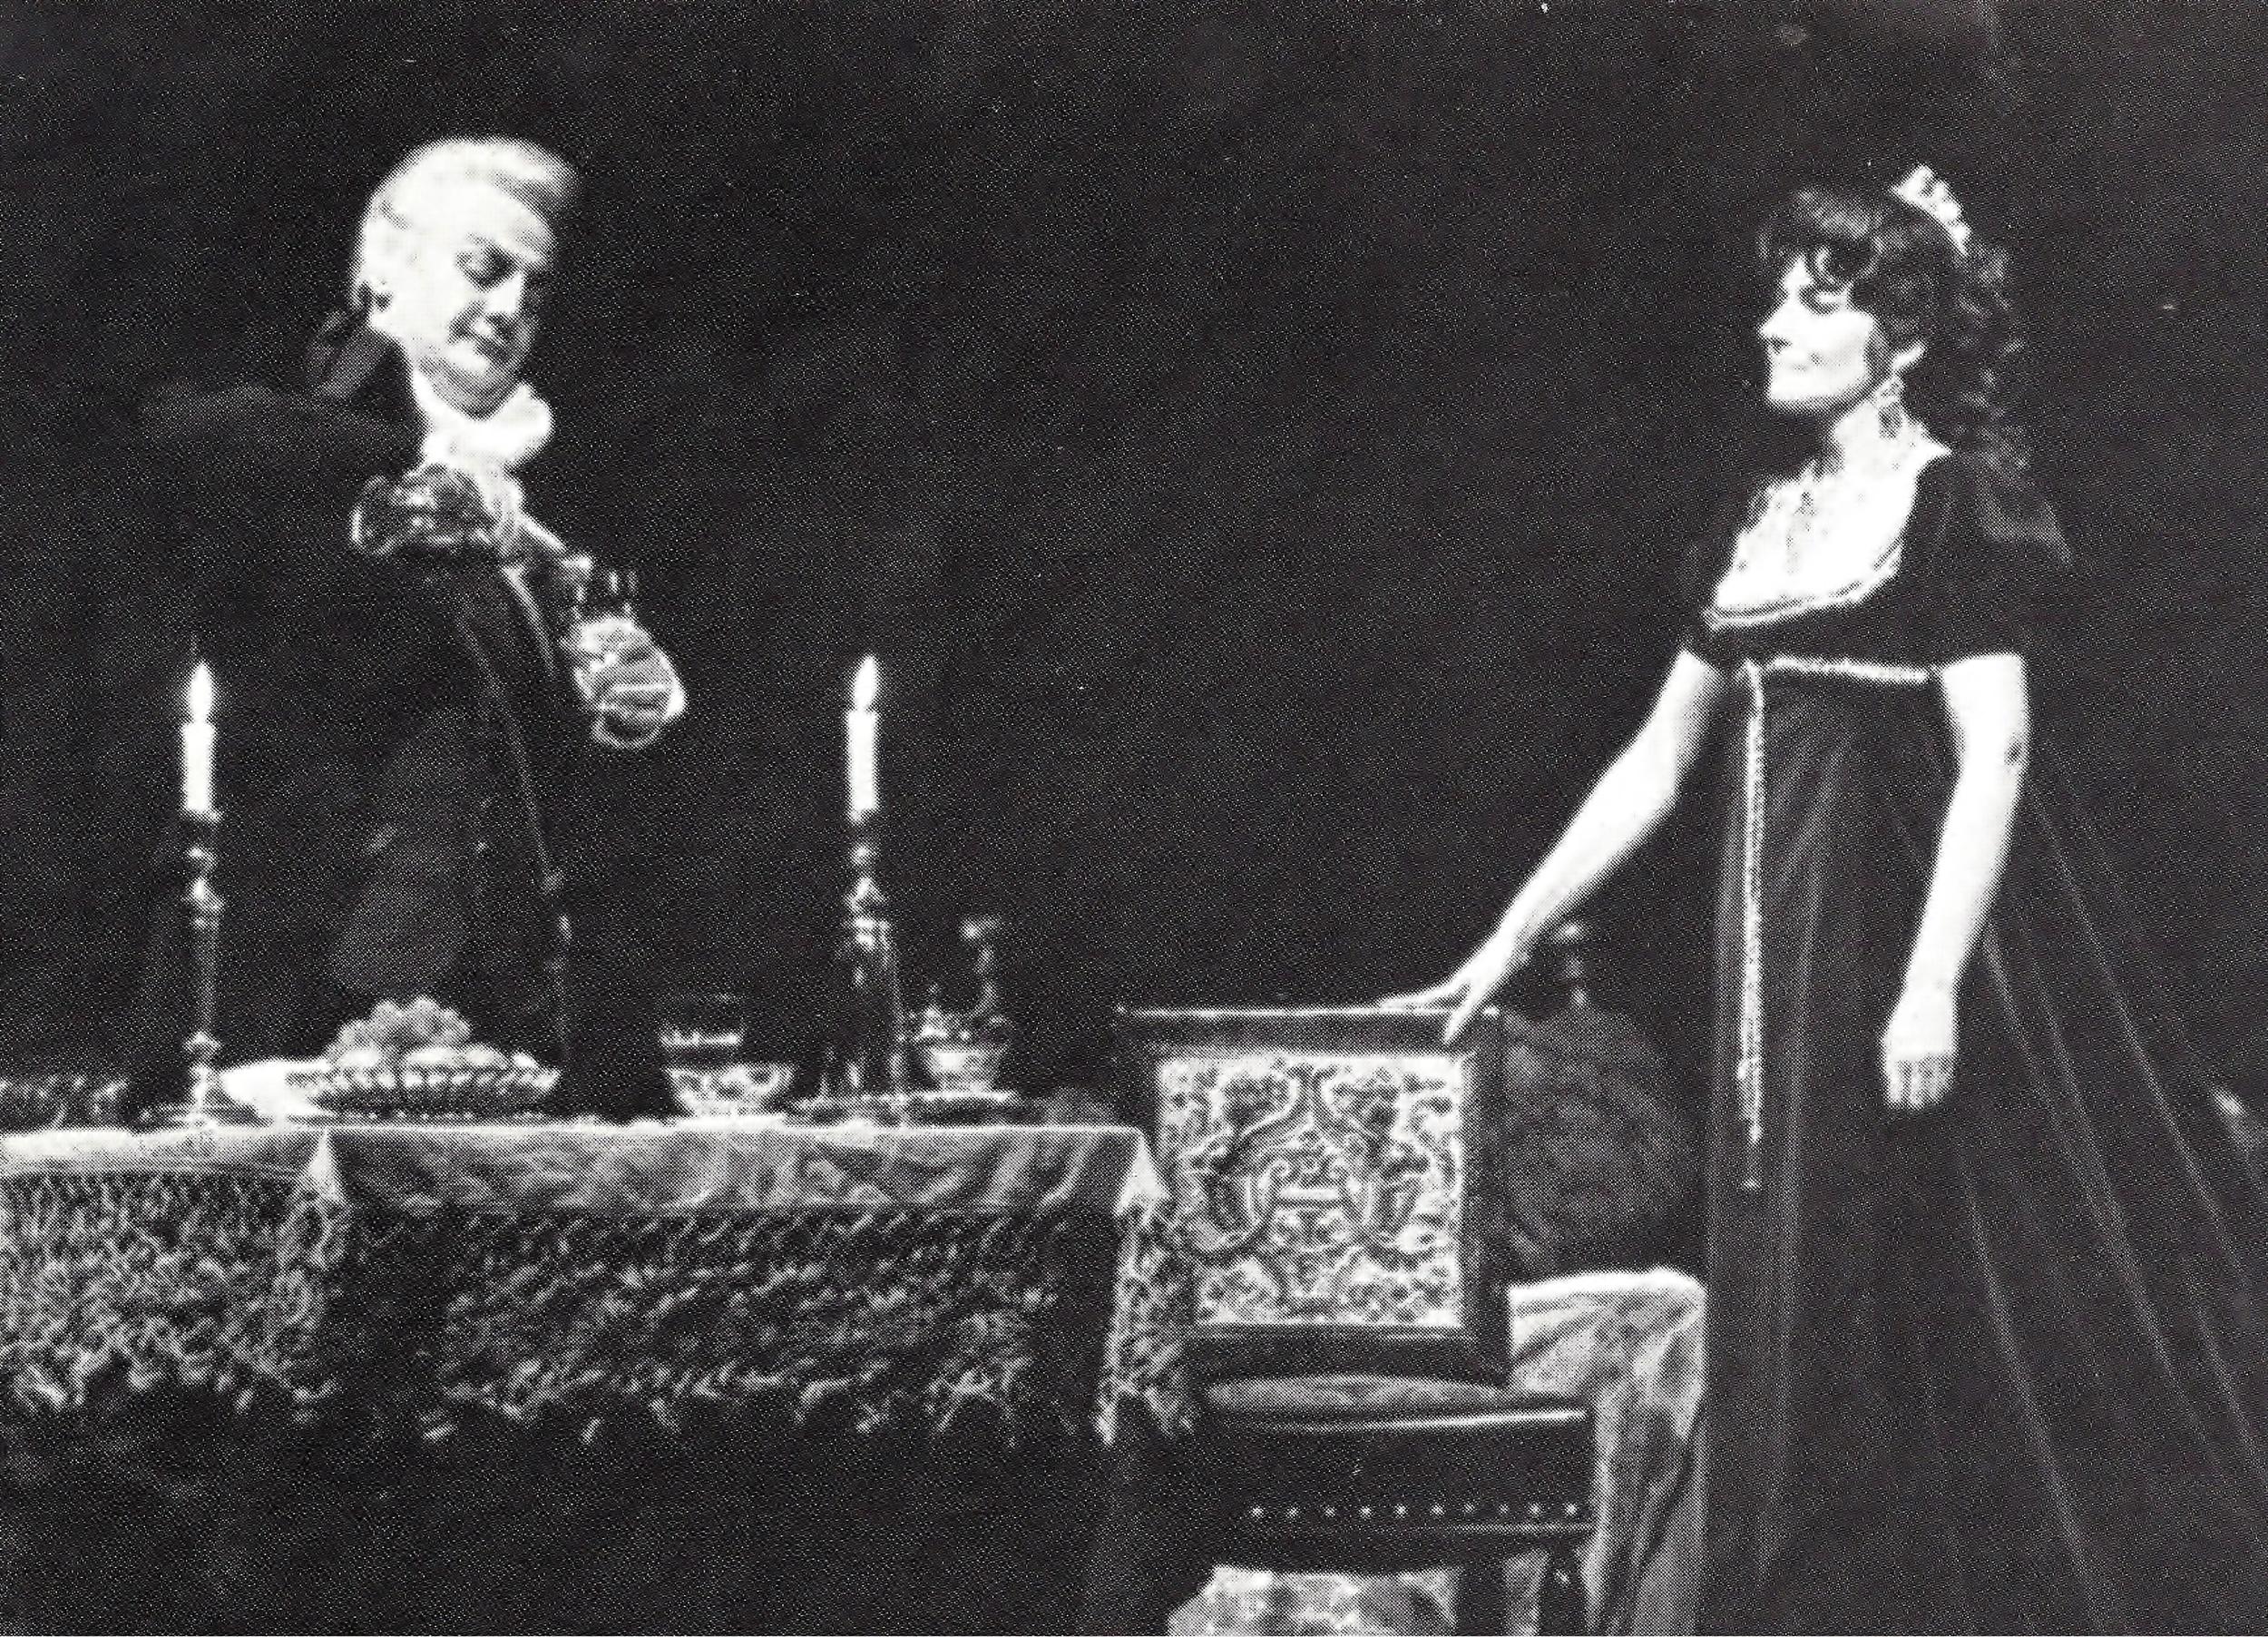 Tito Gobbi as Scarpia with Maria Callas as Tosca, 1965